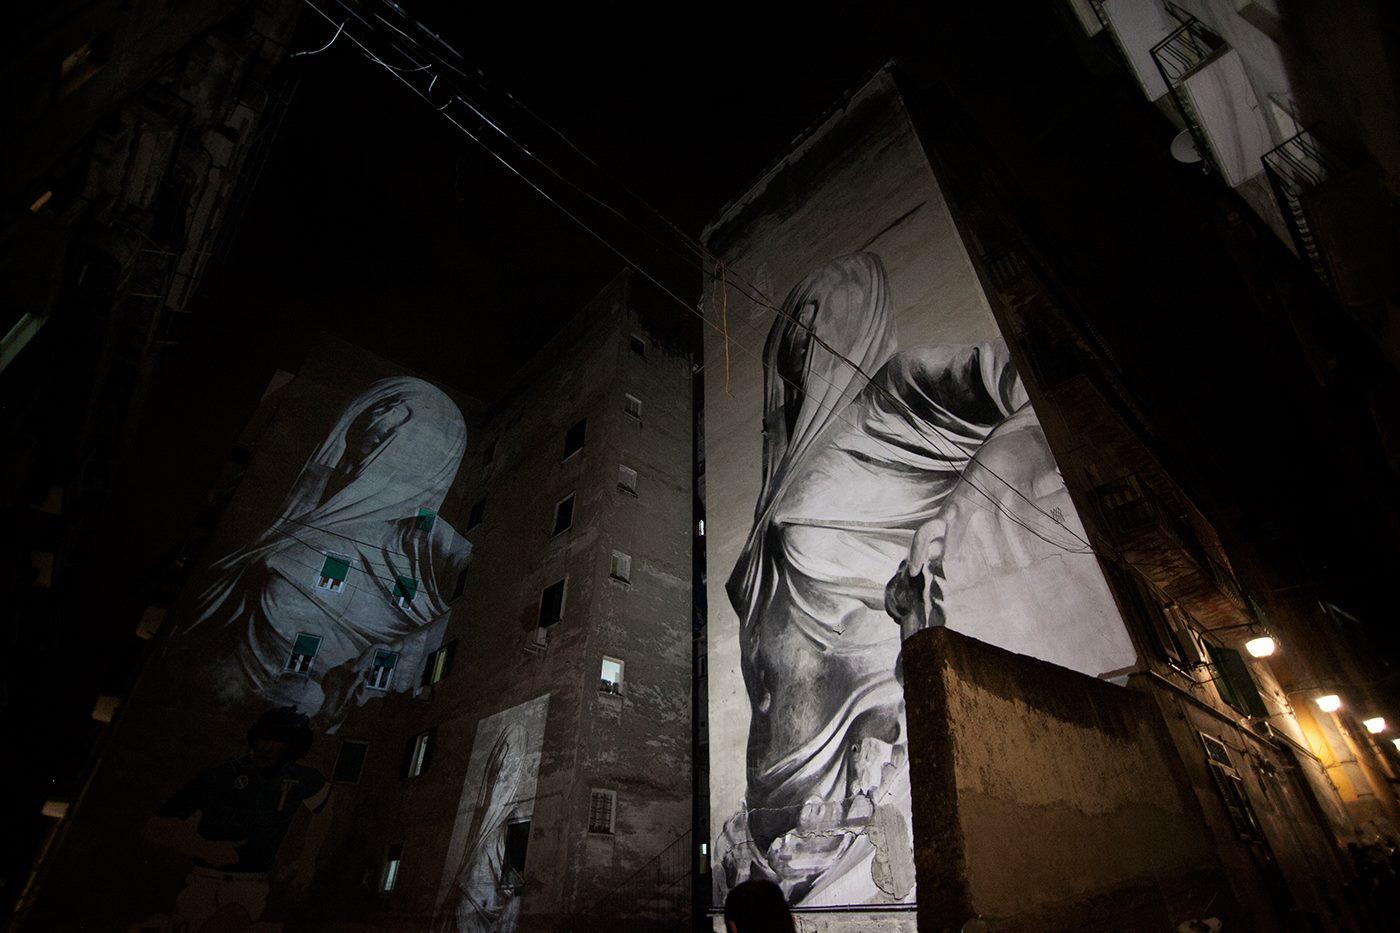 bosoletti murale basilique streetart peinture eglise arturbain marbre drape statue buste - Les peintures murales de Bosoletti se révèlent en négatif